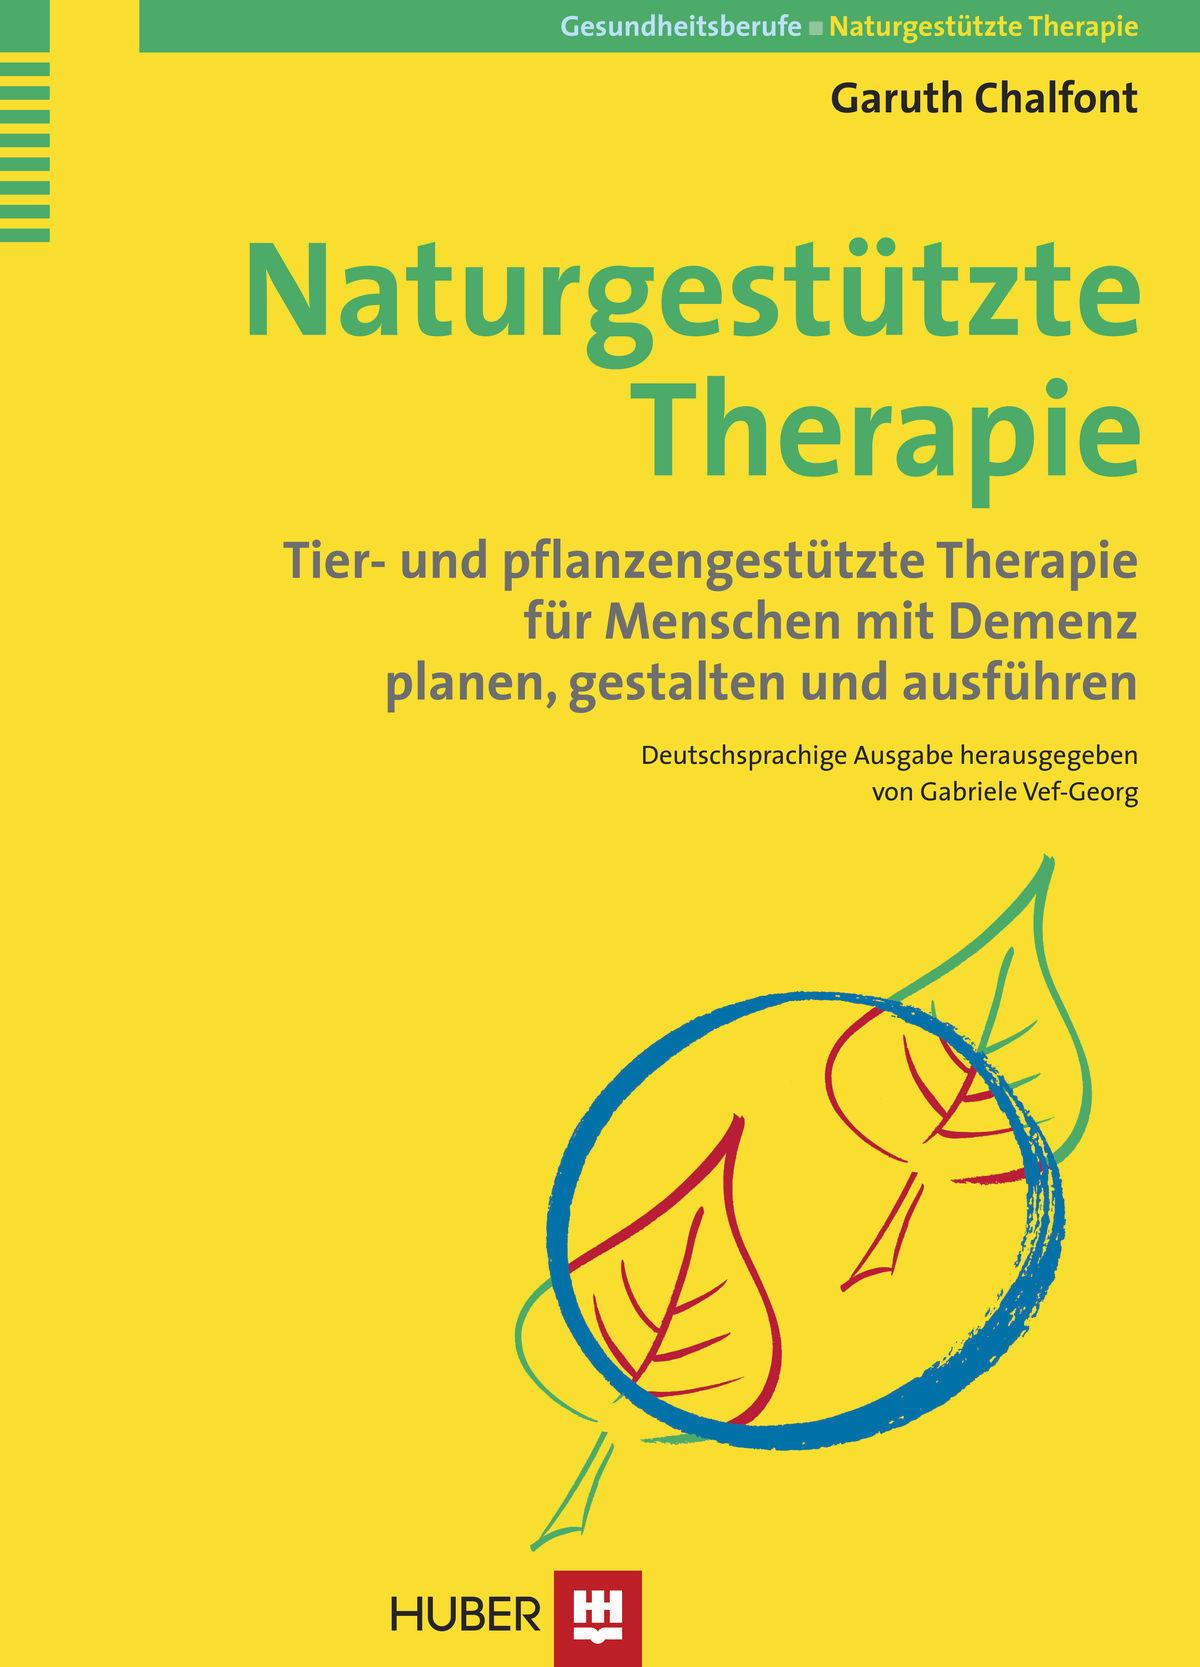 Naturgestützte Therapie